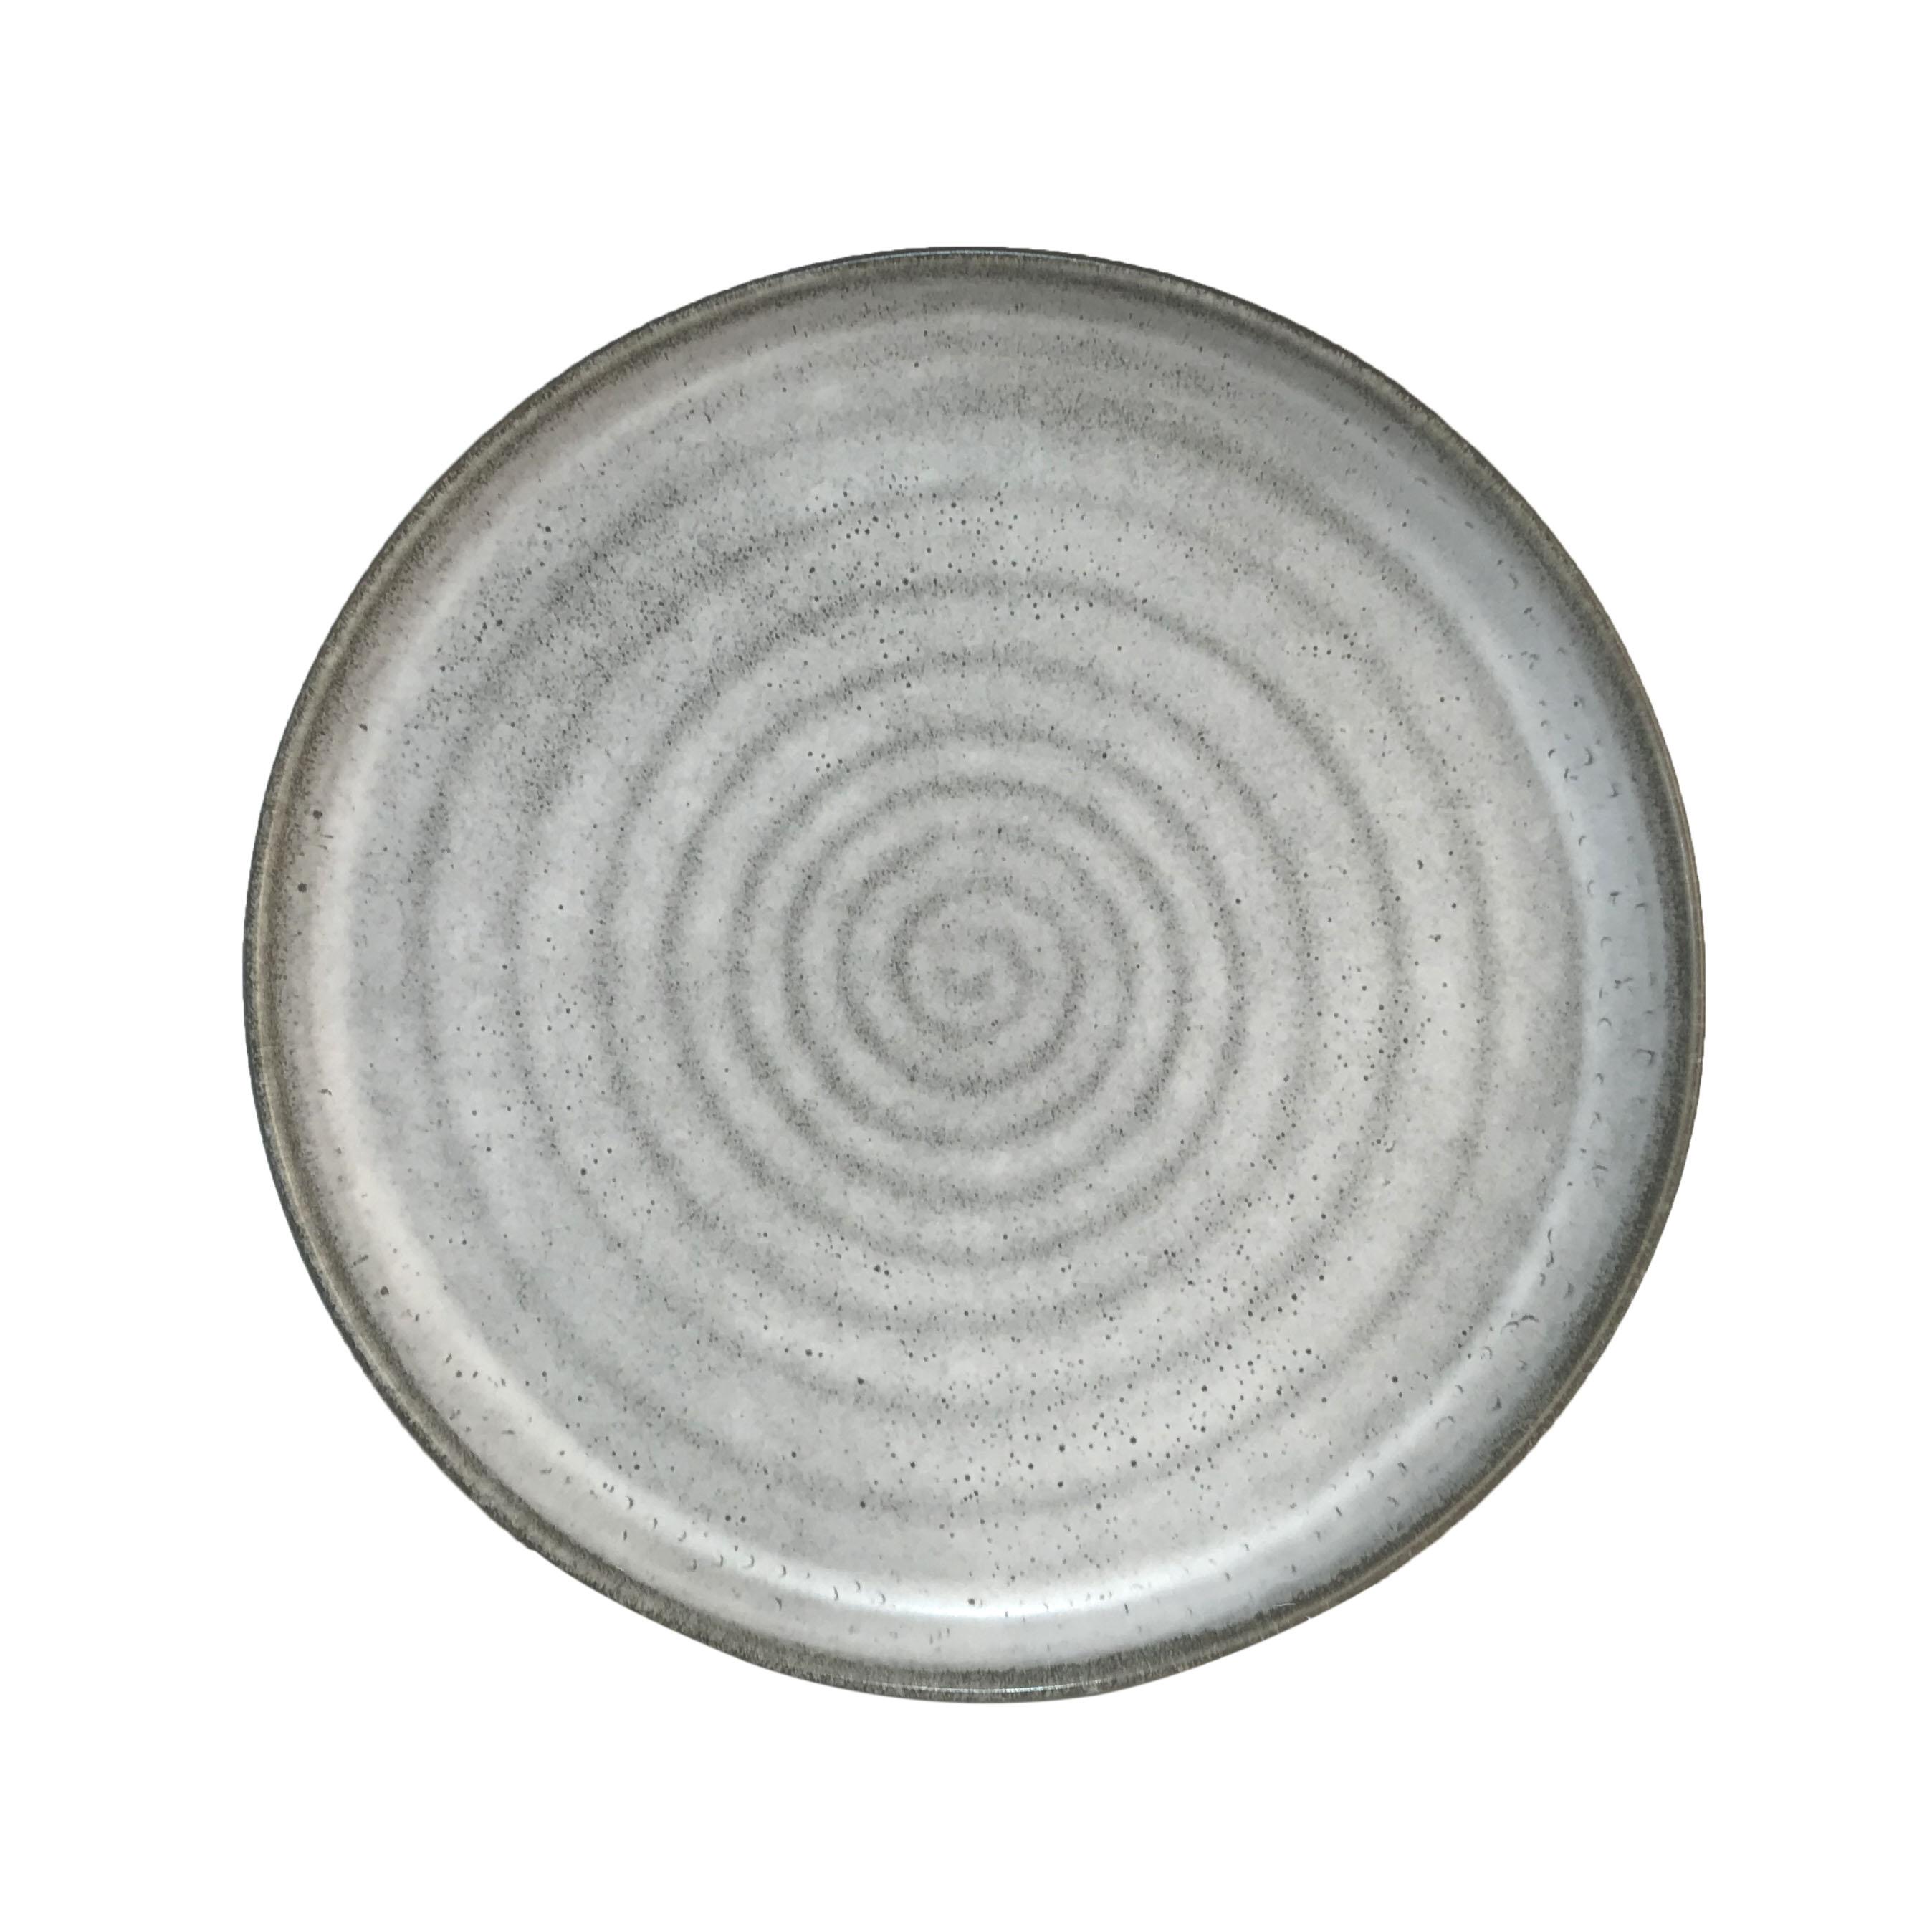 Assiette plate en porcelaine gris 23 cm - Lot de 3